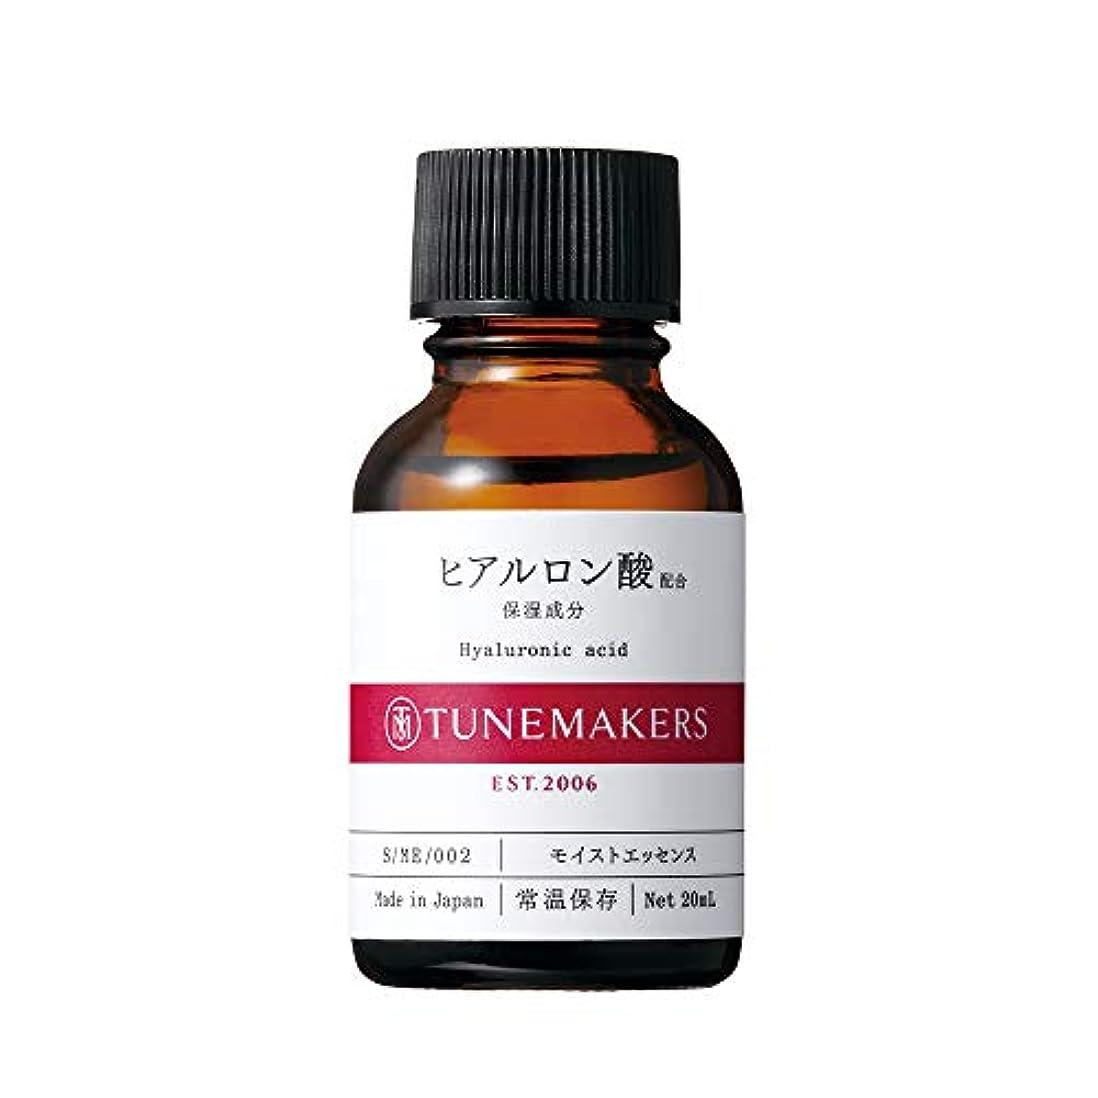 罪人絶滅電気陽性TUNEMAKERS(チューンメーカーズ) ヒアルロン酸 美容液 20ml